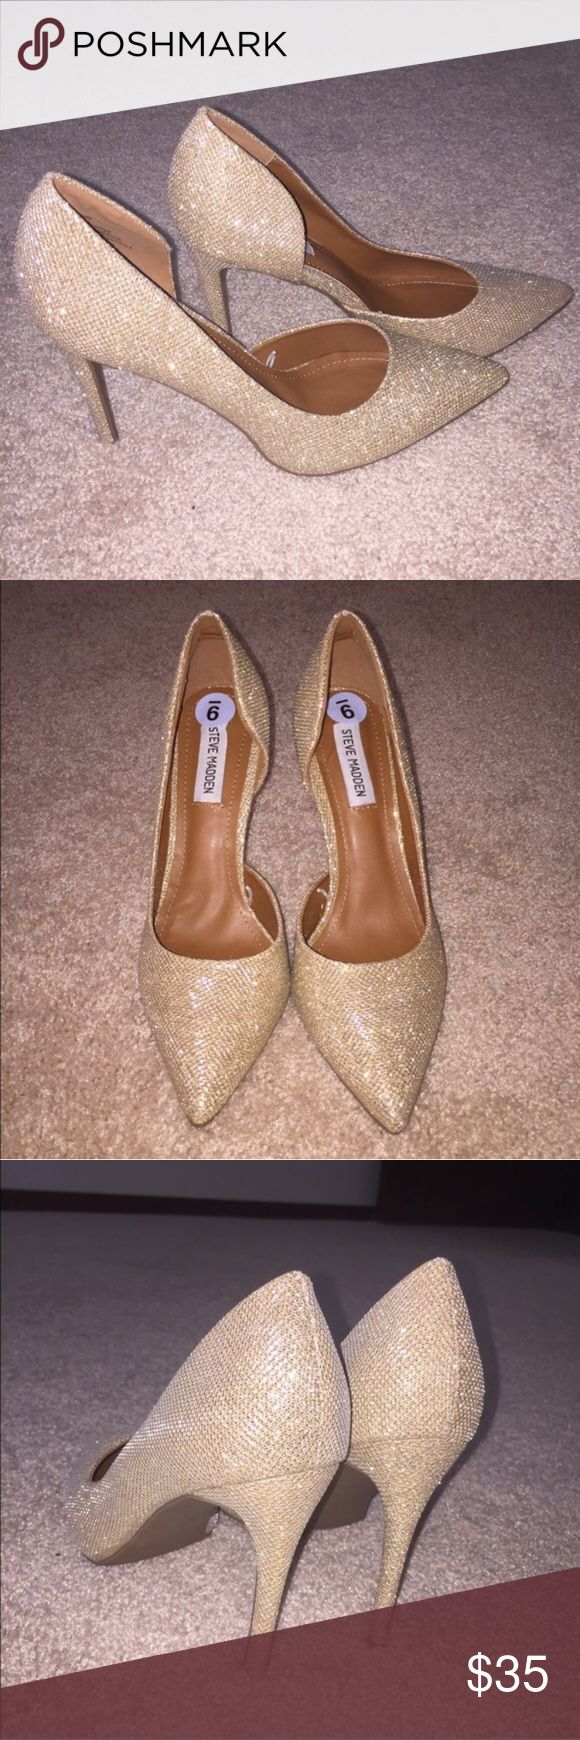 """Gold Sparkle Steve Madden Pumps Stunning brand new Steve Madden Pumps! Never worn get gorgeous 3"""" heels. Steve Madden Shoes Heels"""